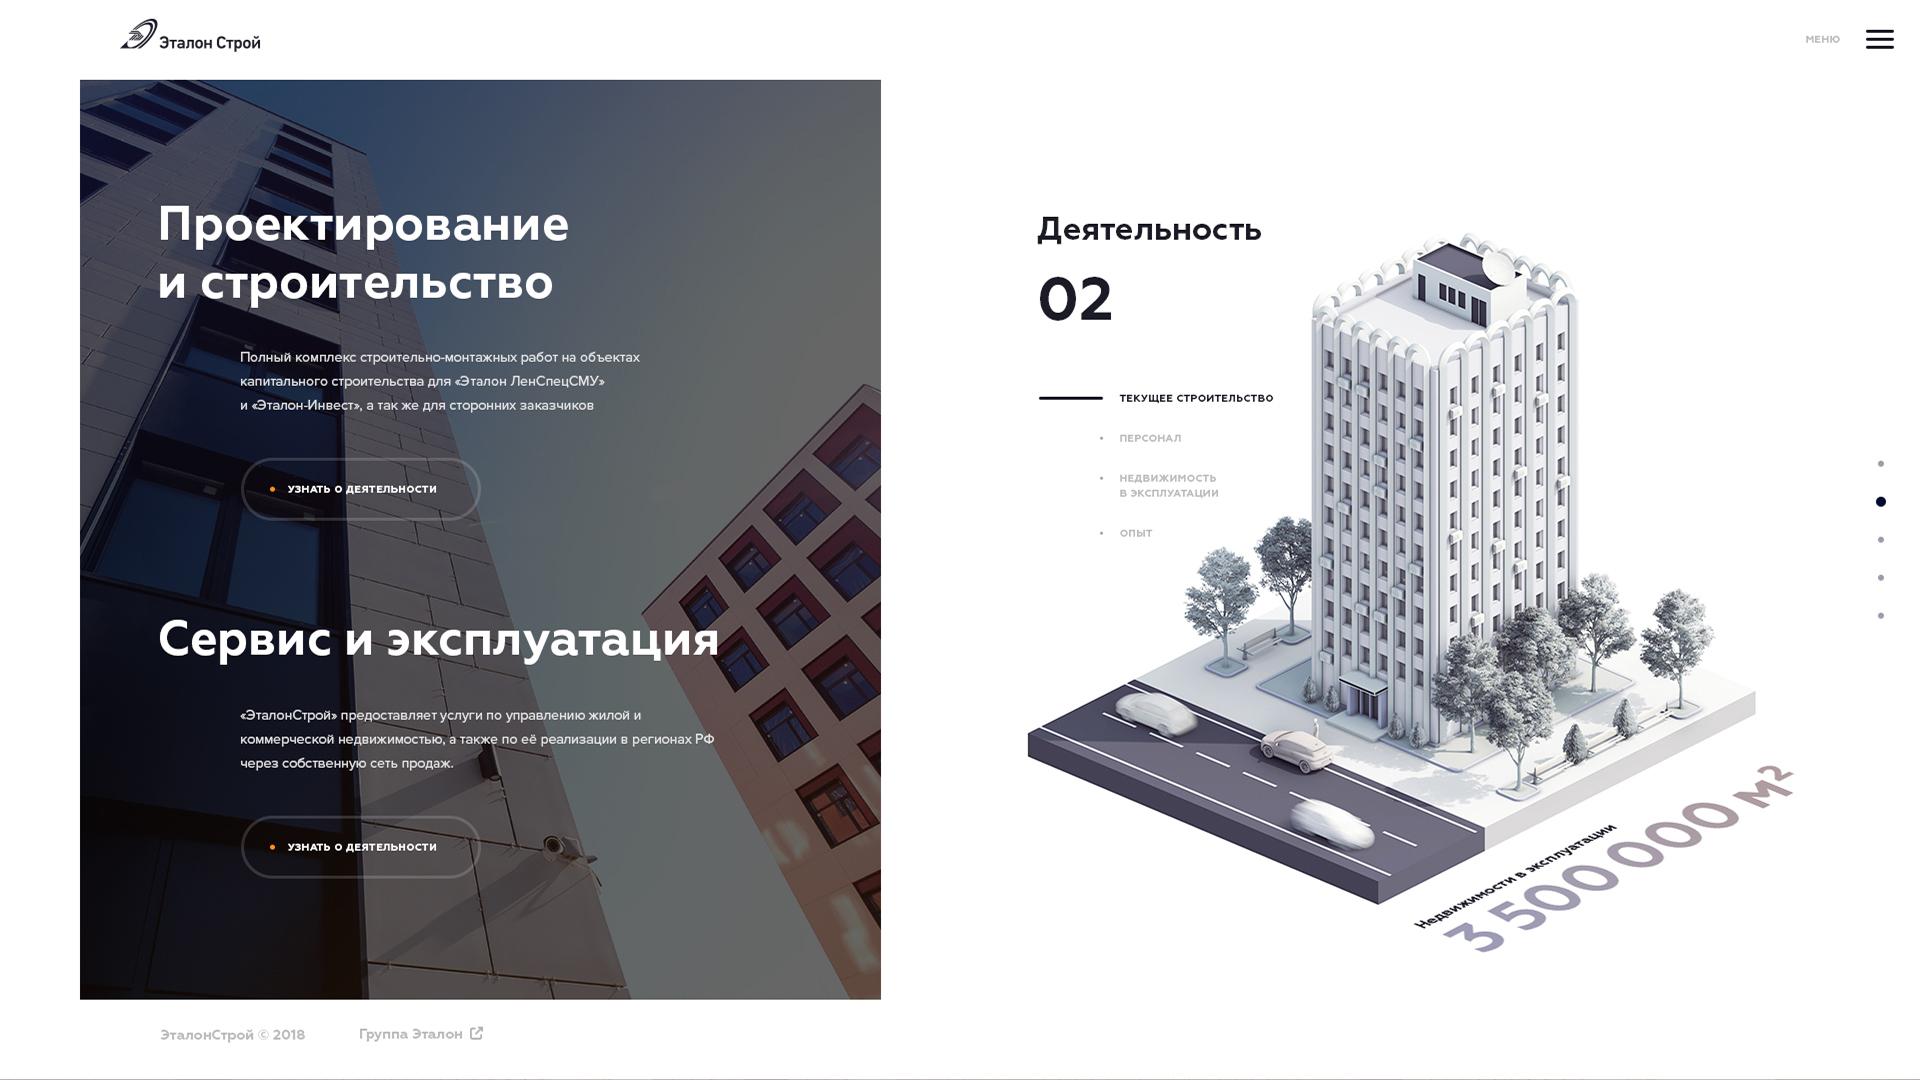 Разработка корпоративного сайта «ЭталонСтрой»